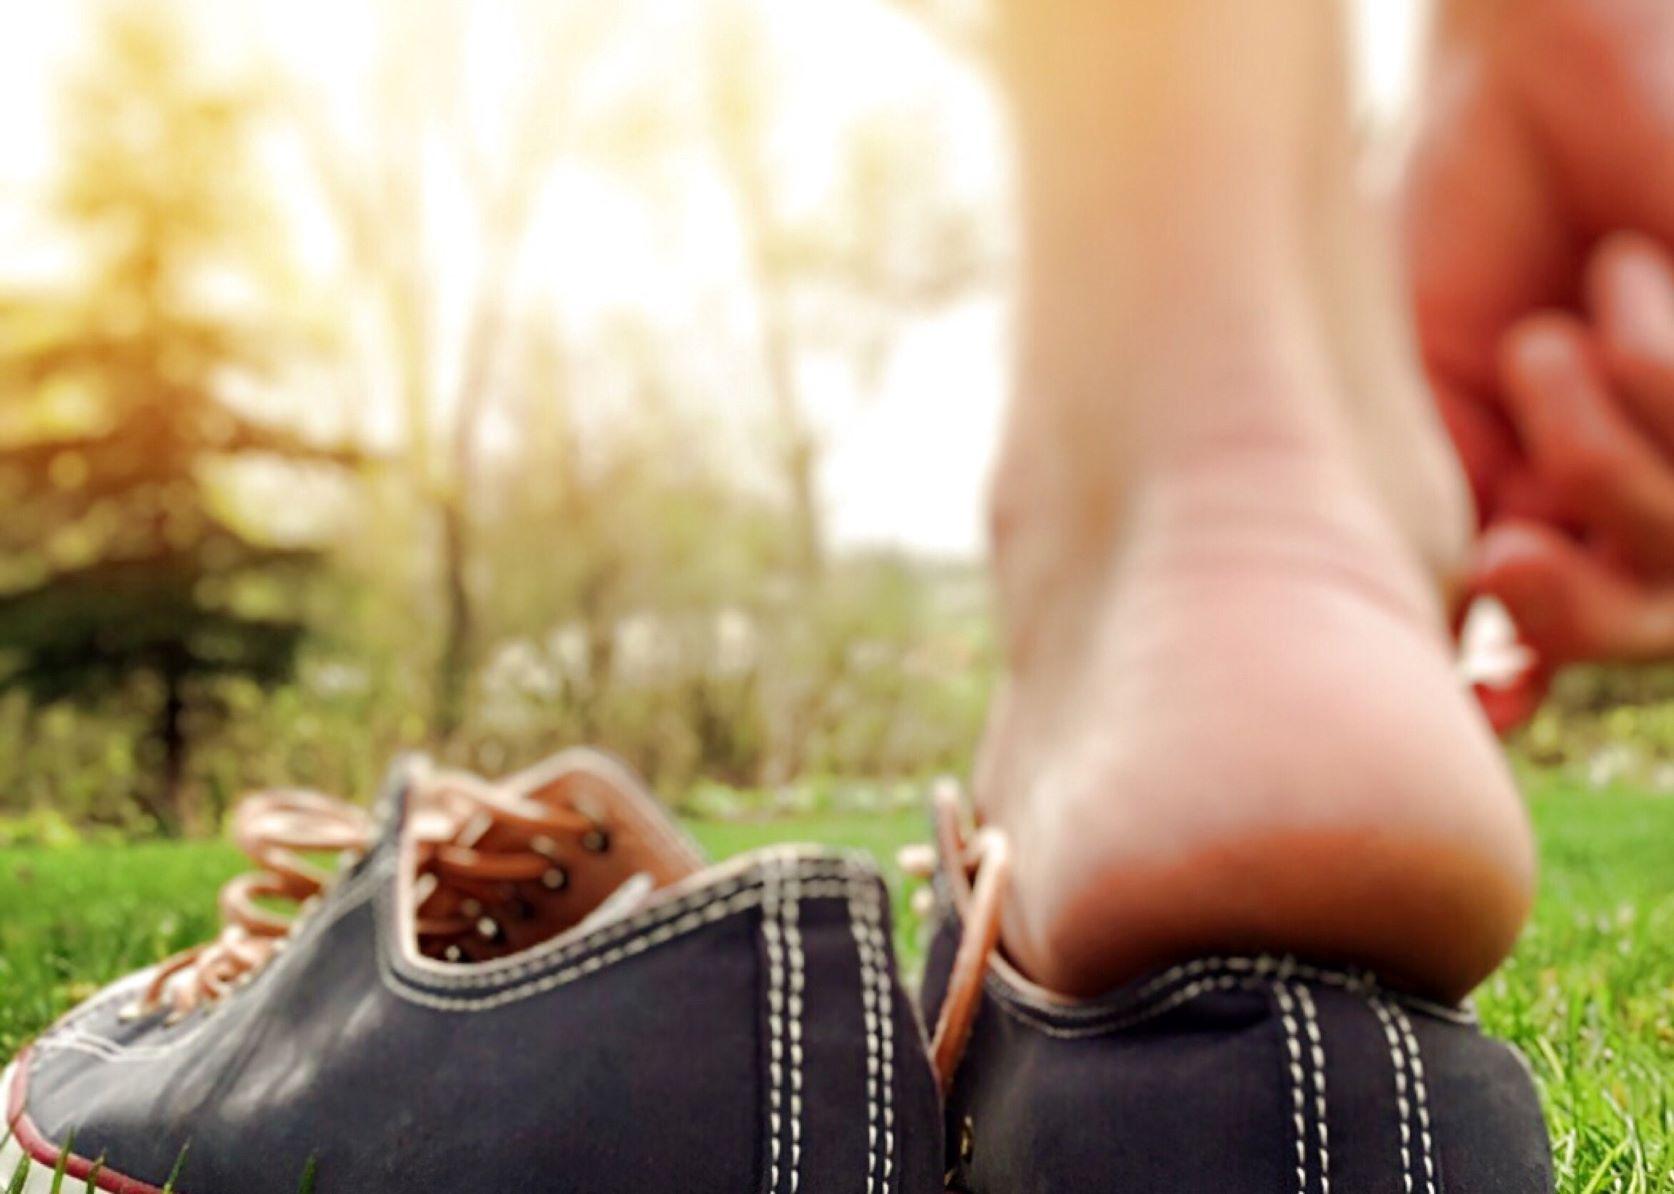 heel-close-up-267229.jpg